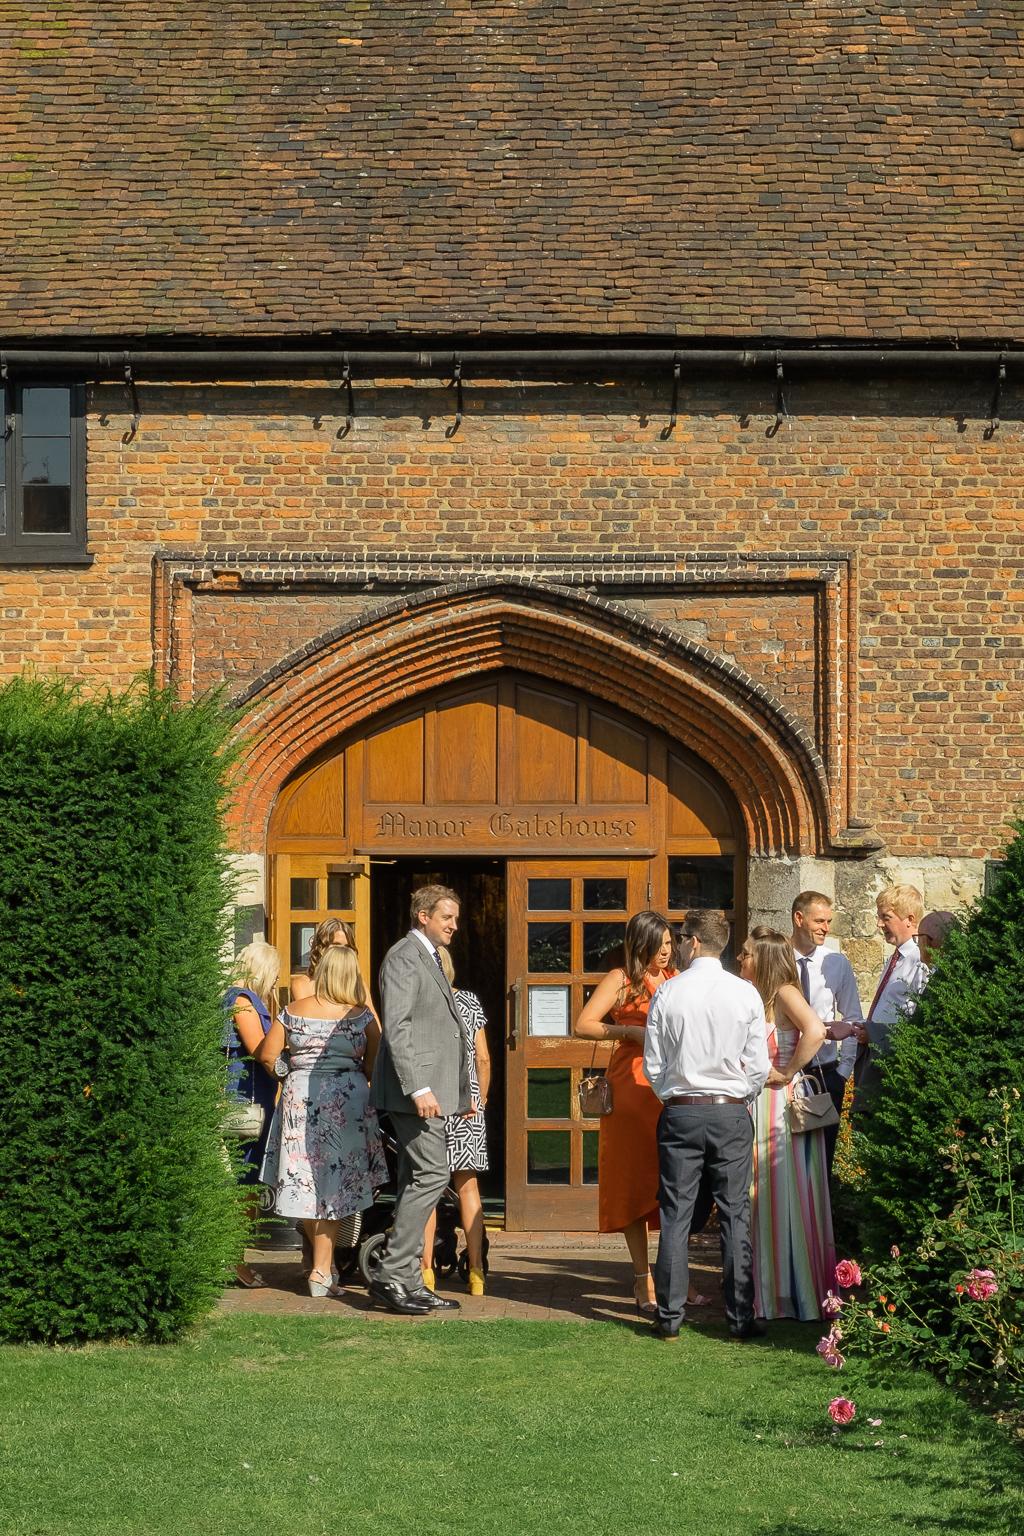 The Manor Gatehouse Dartford Wedding Ceremony | Kent Wedding Photographers | Oakhouse Photography